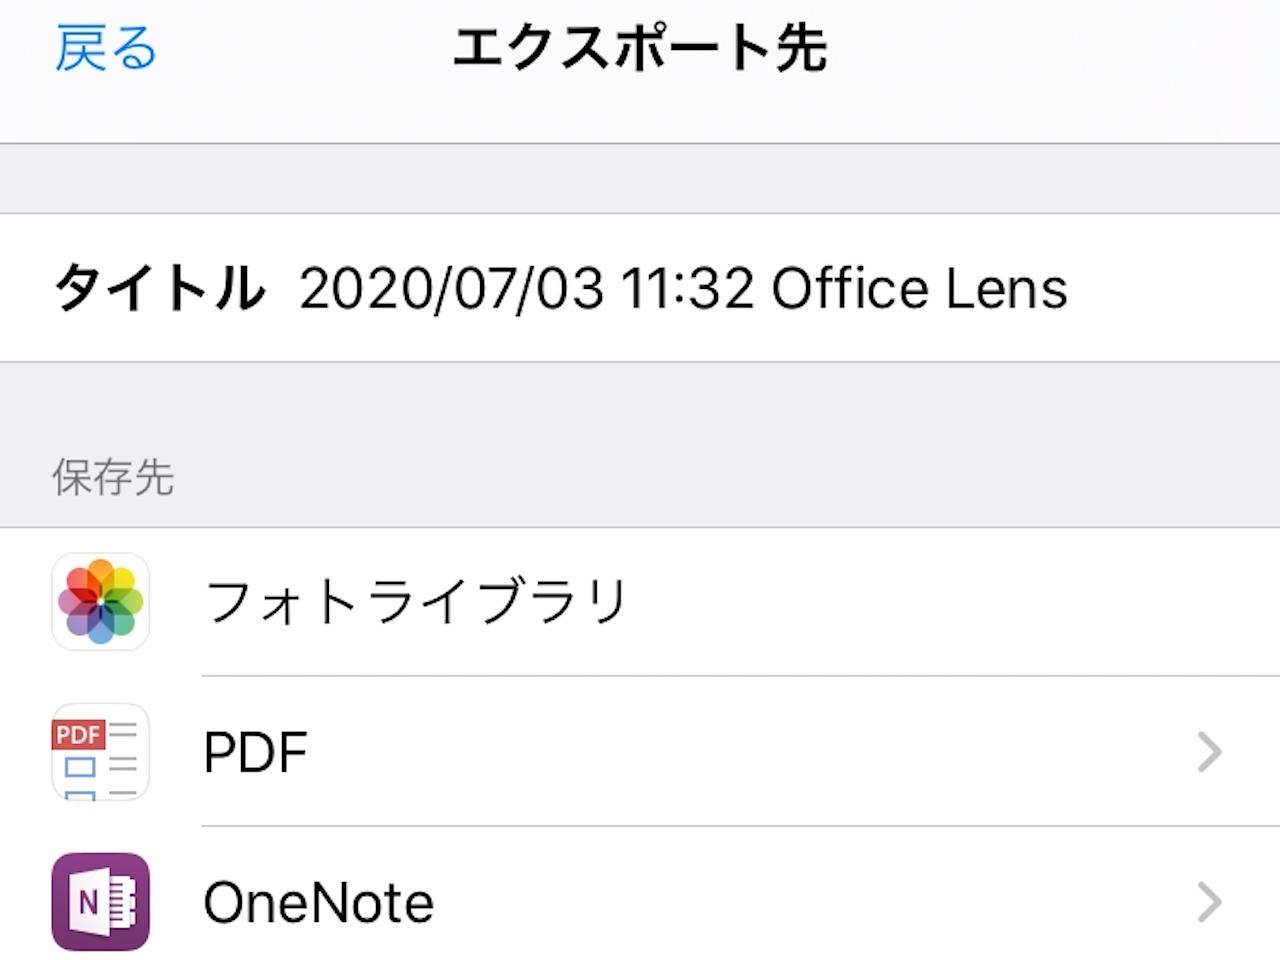 あっと驚く神アプリ!書類をテキストデータ化できる「Office Lens」が凄い!